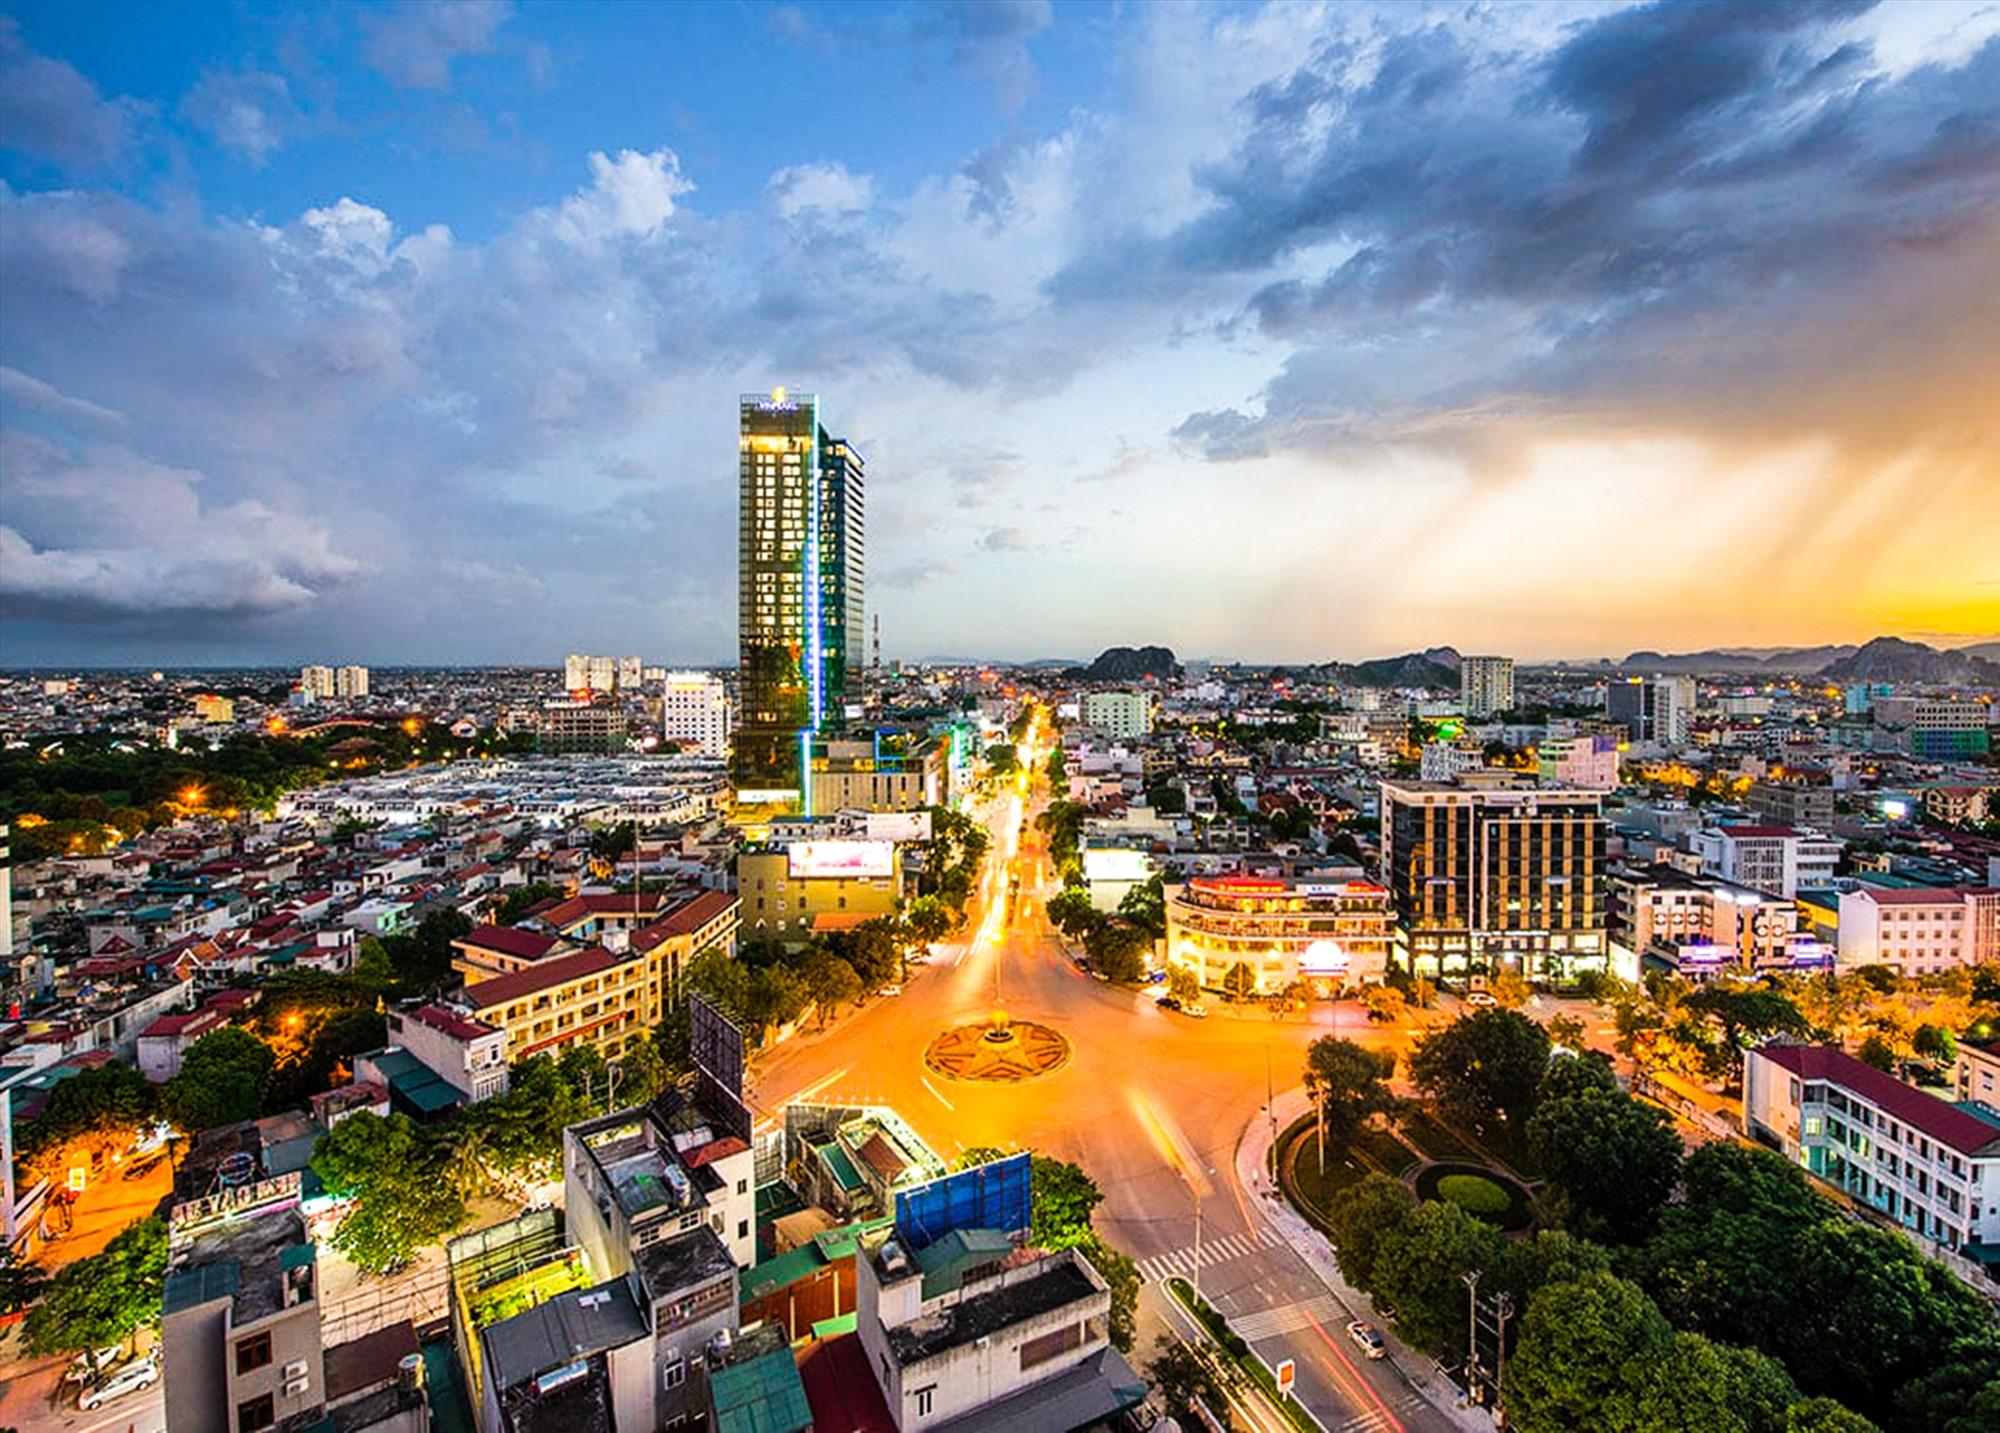 Thành phố Thanh Hóa vào ban đêm.